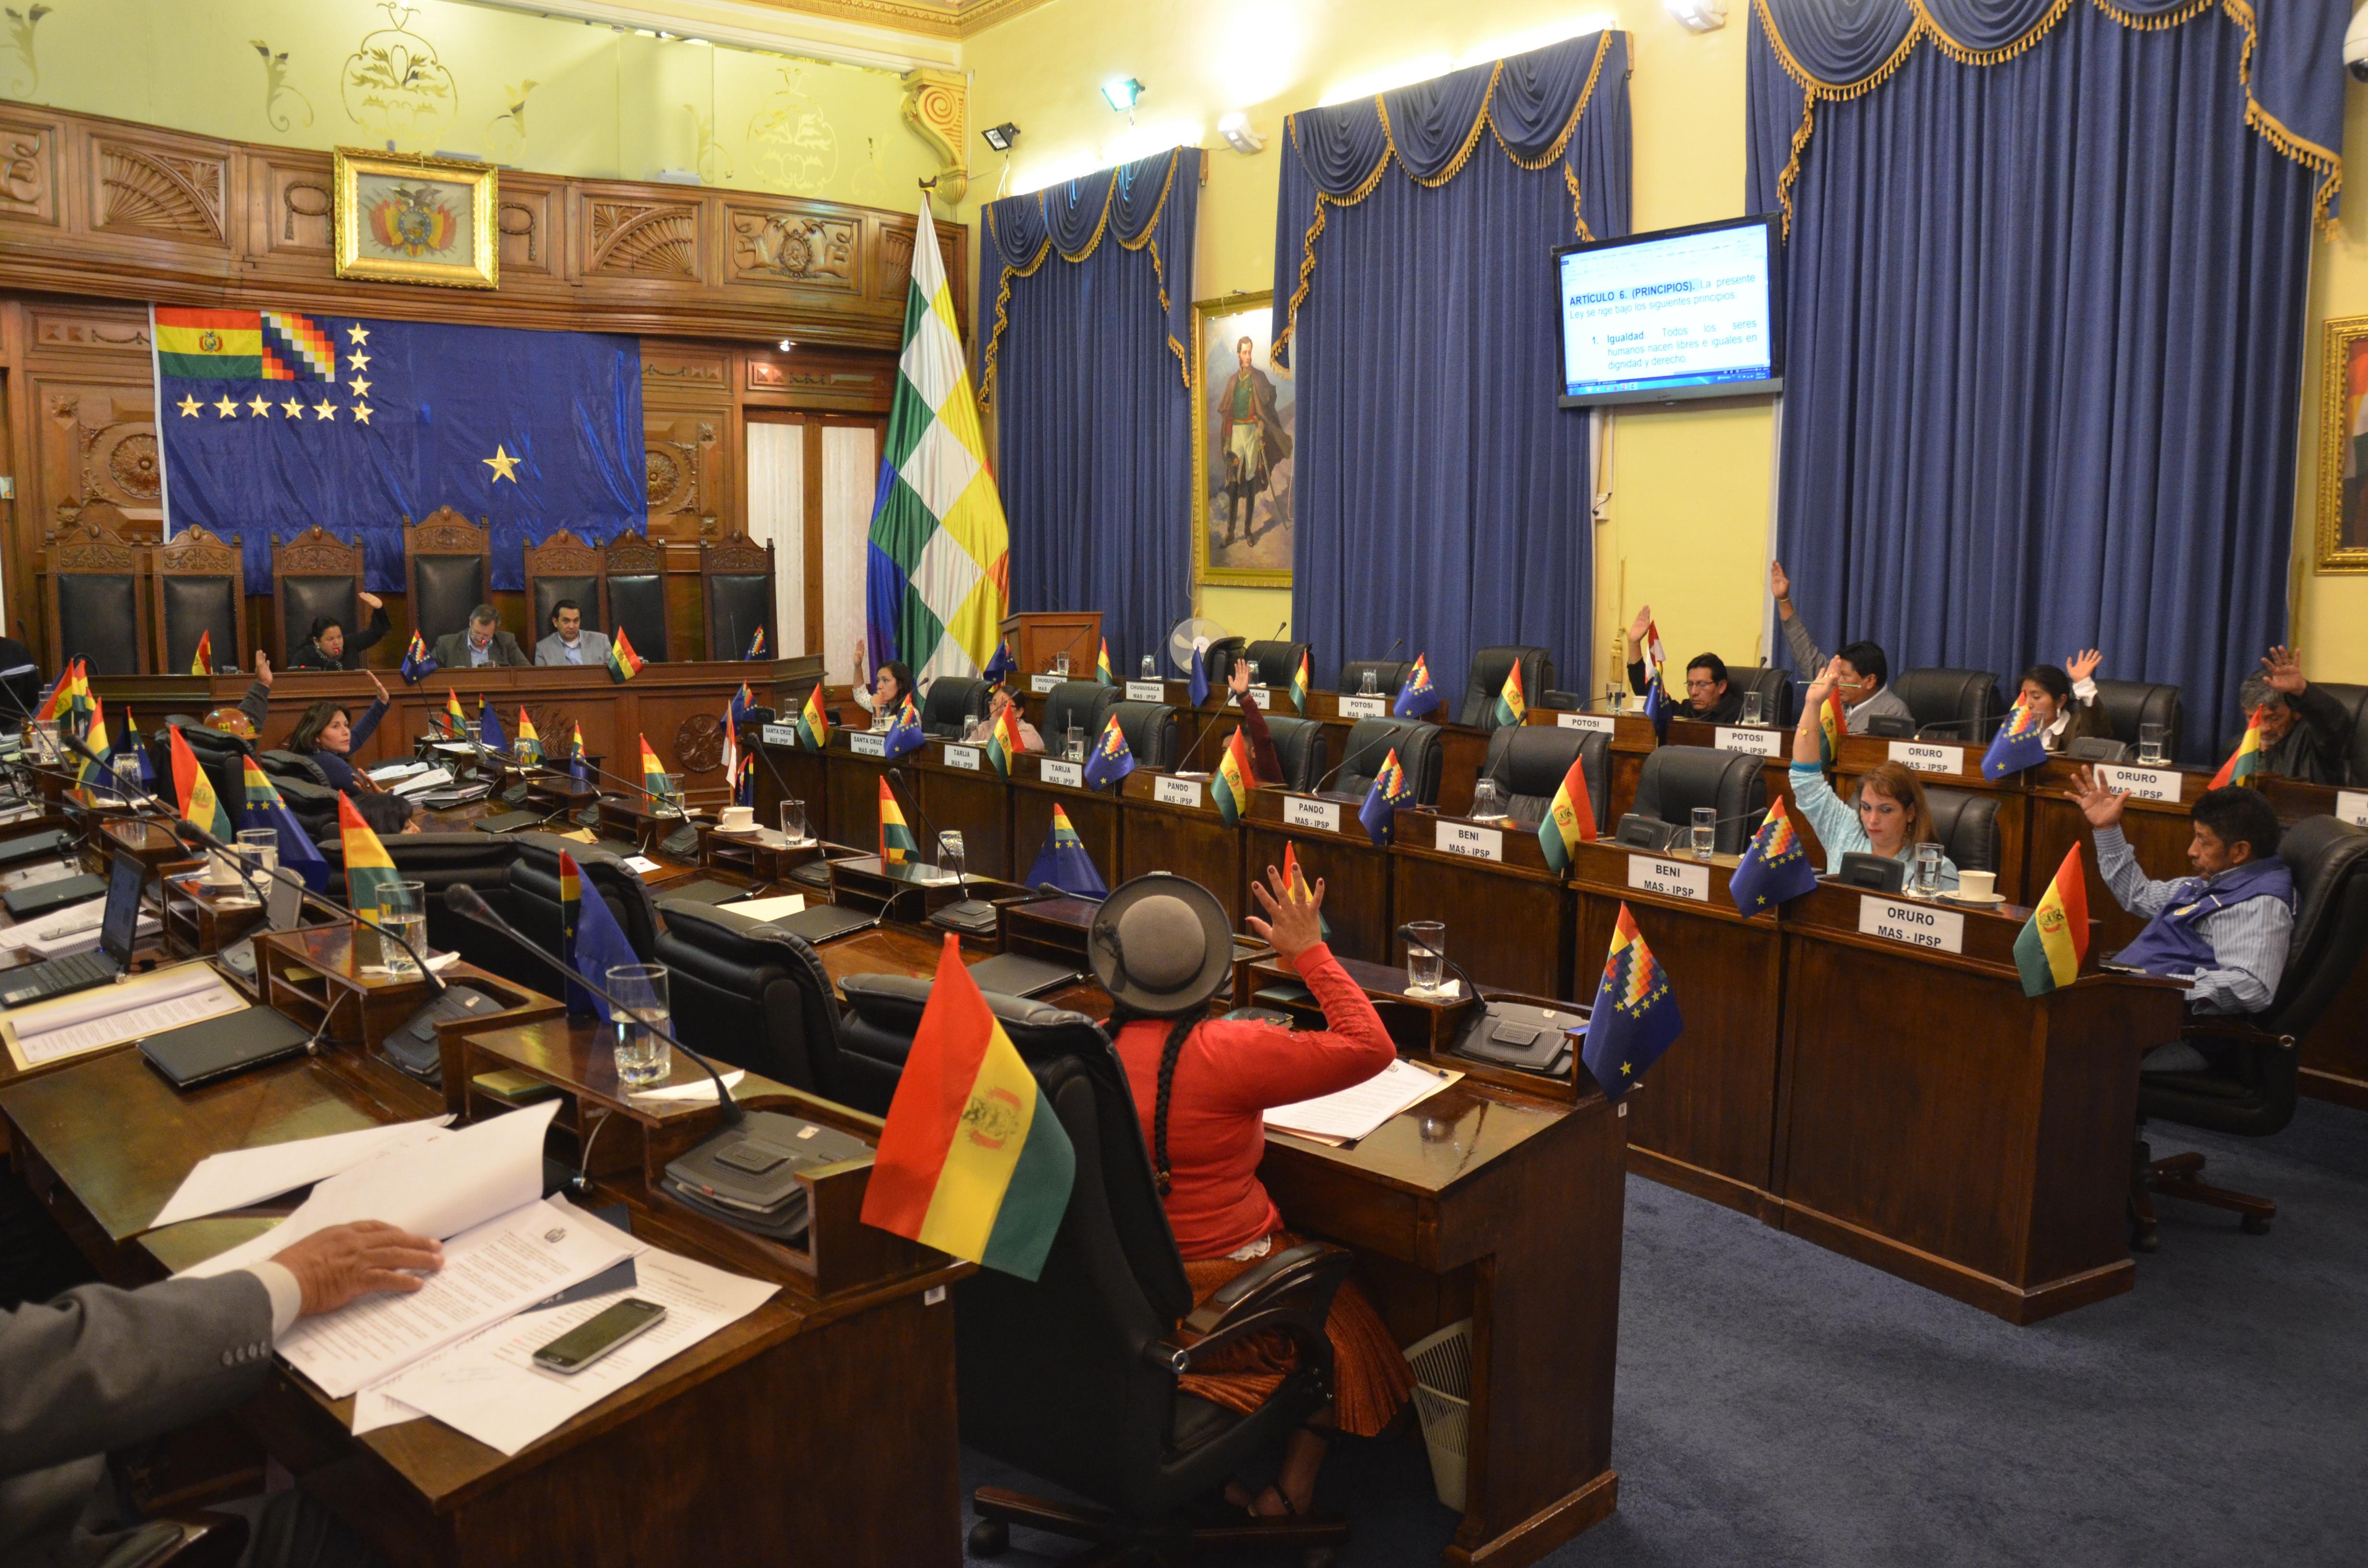 Senado sanciona Ley de Identidad de Género que permite a personas transexuales y transgénero cambiar su nombre legalmente